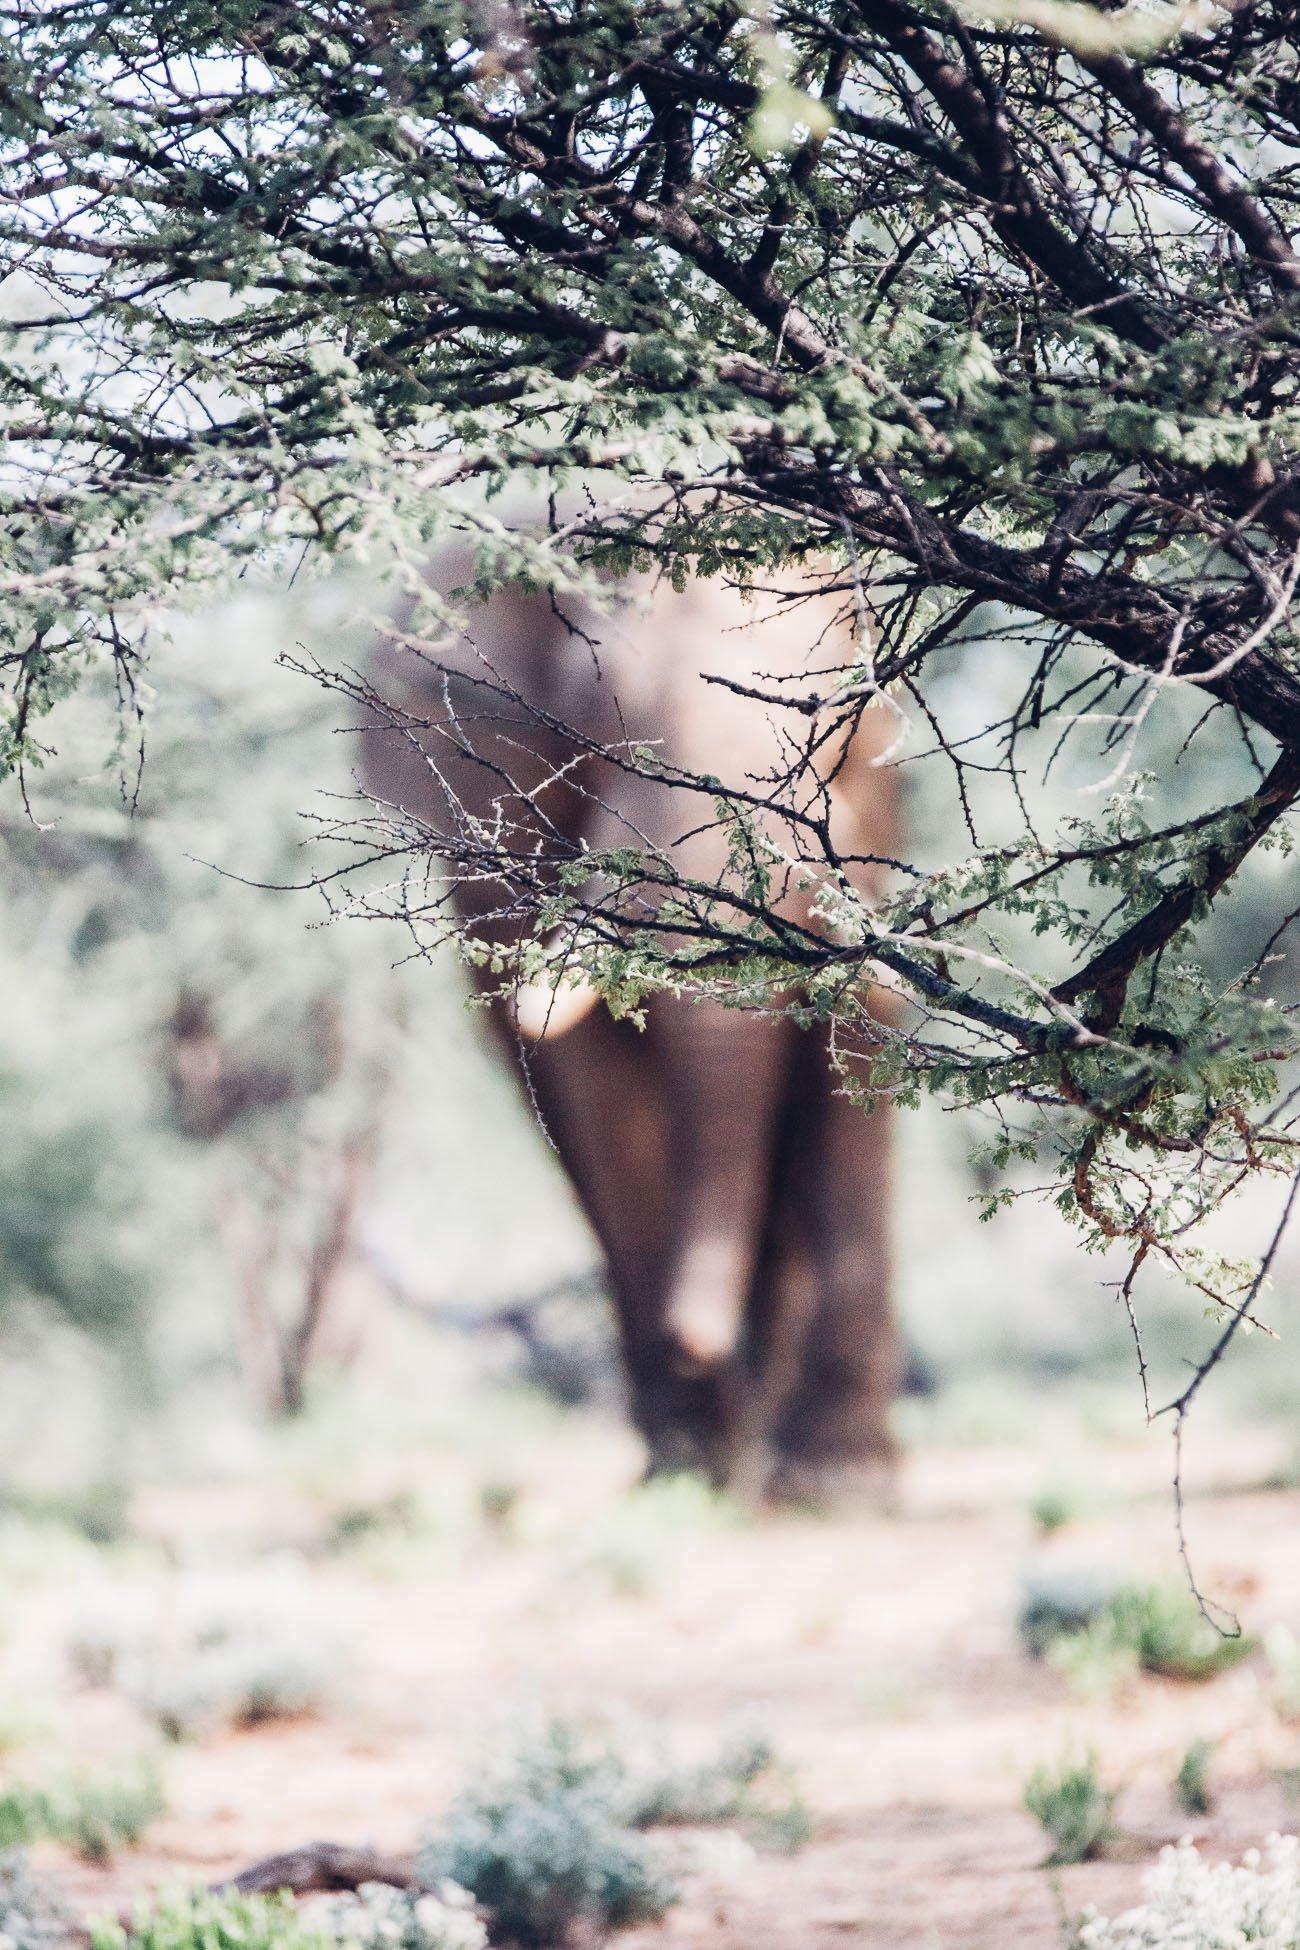 Elephant at a Safari in Namibia